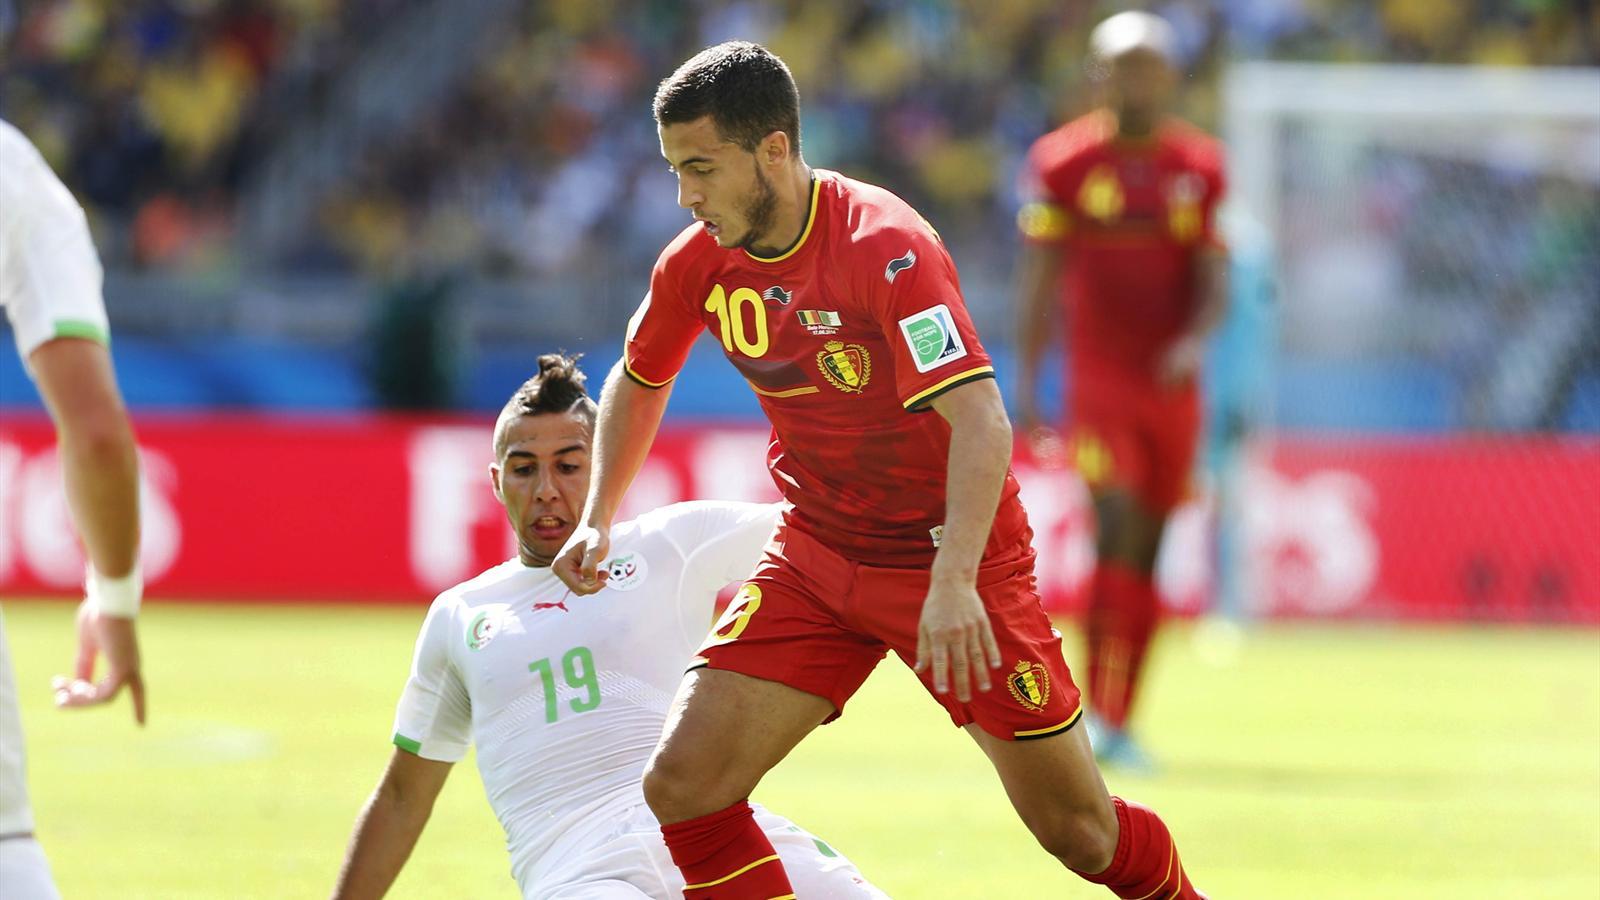 Belgique alg rie 2 1 notre antis che cette belgique est encore trop tendre coupe du - Coupe du monde belgique 2014 ...